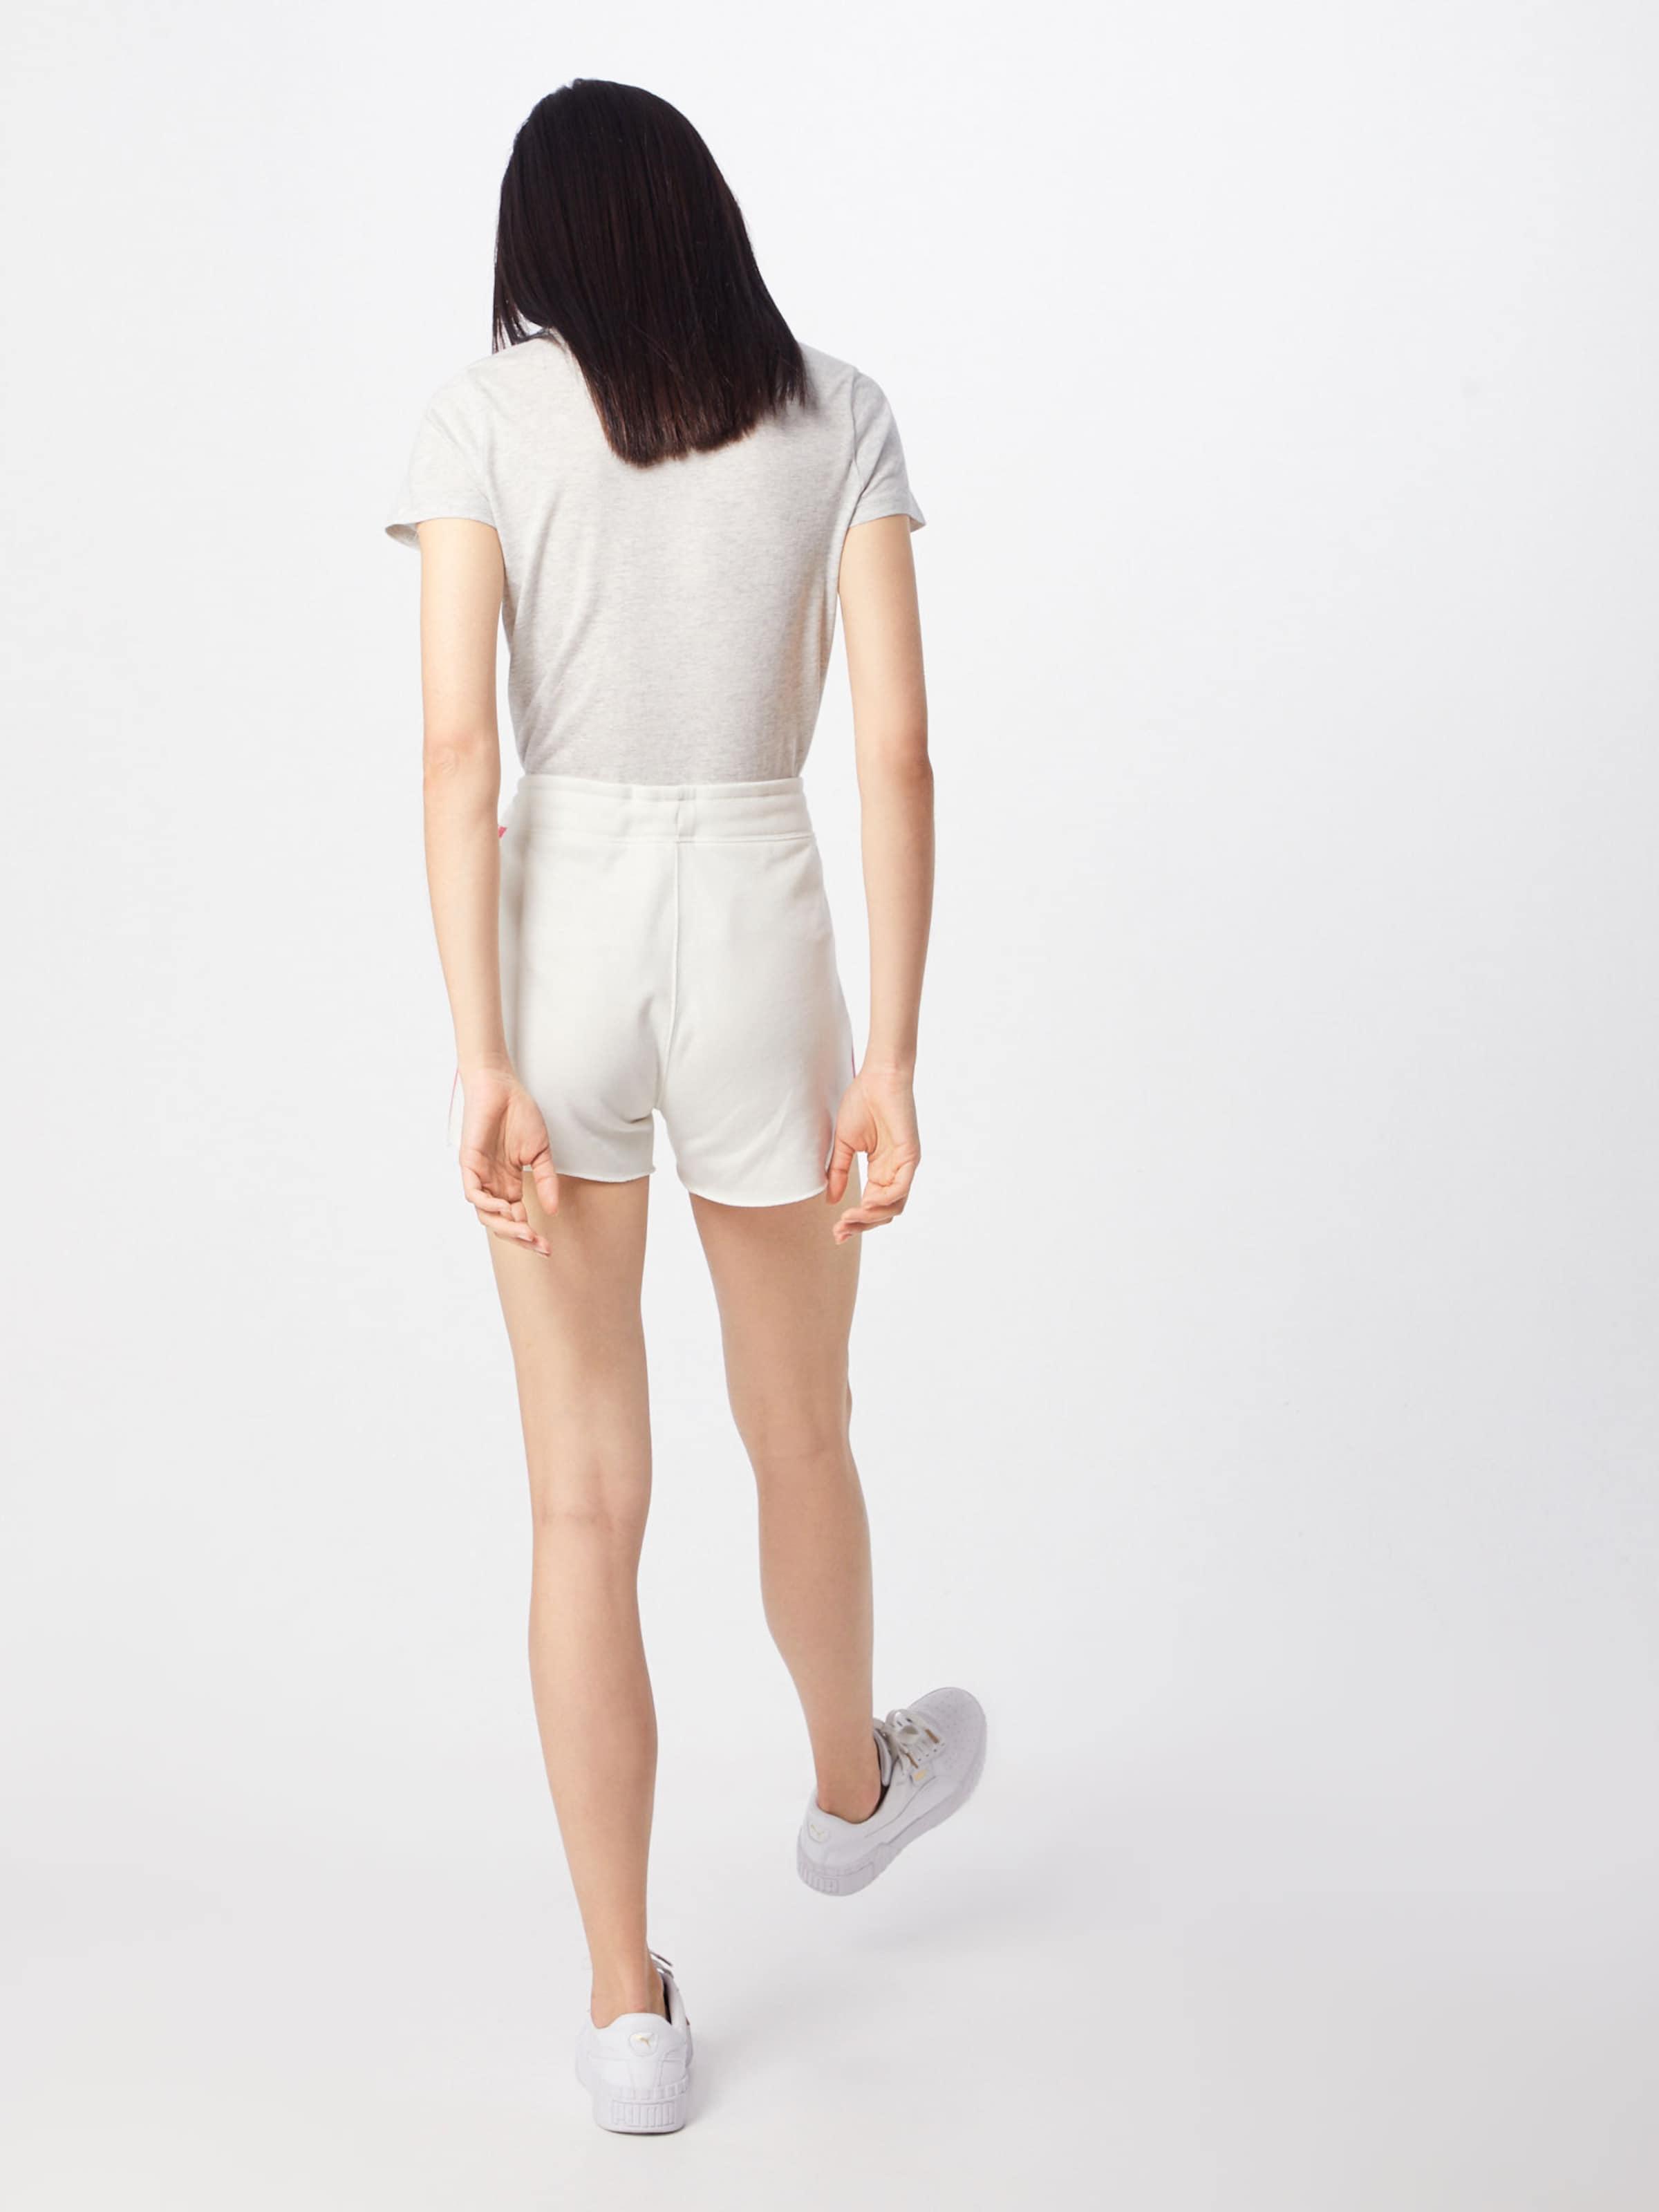 Hose 'v Weiß Shorts' gap Gap Stripe In rdCthsQx